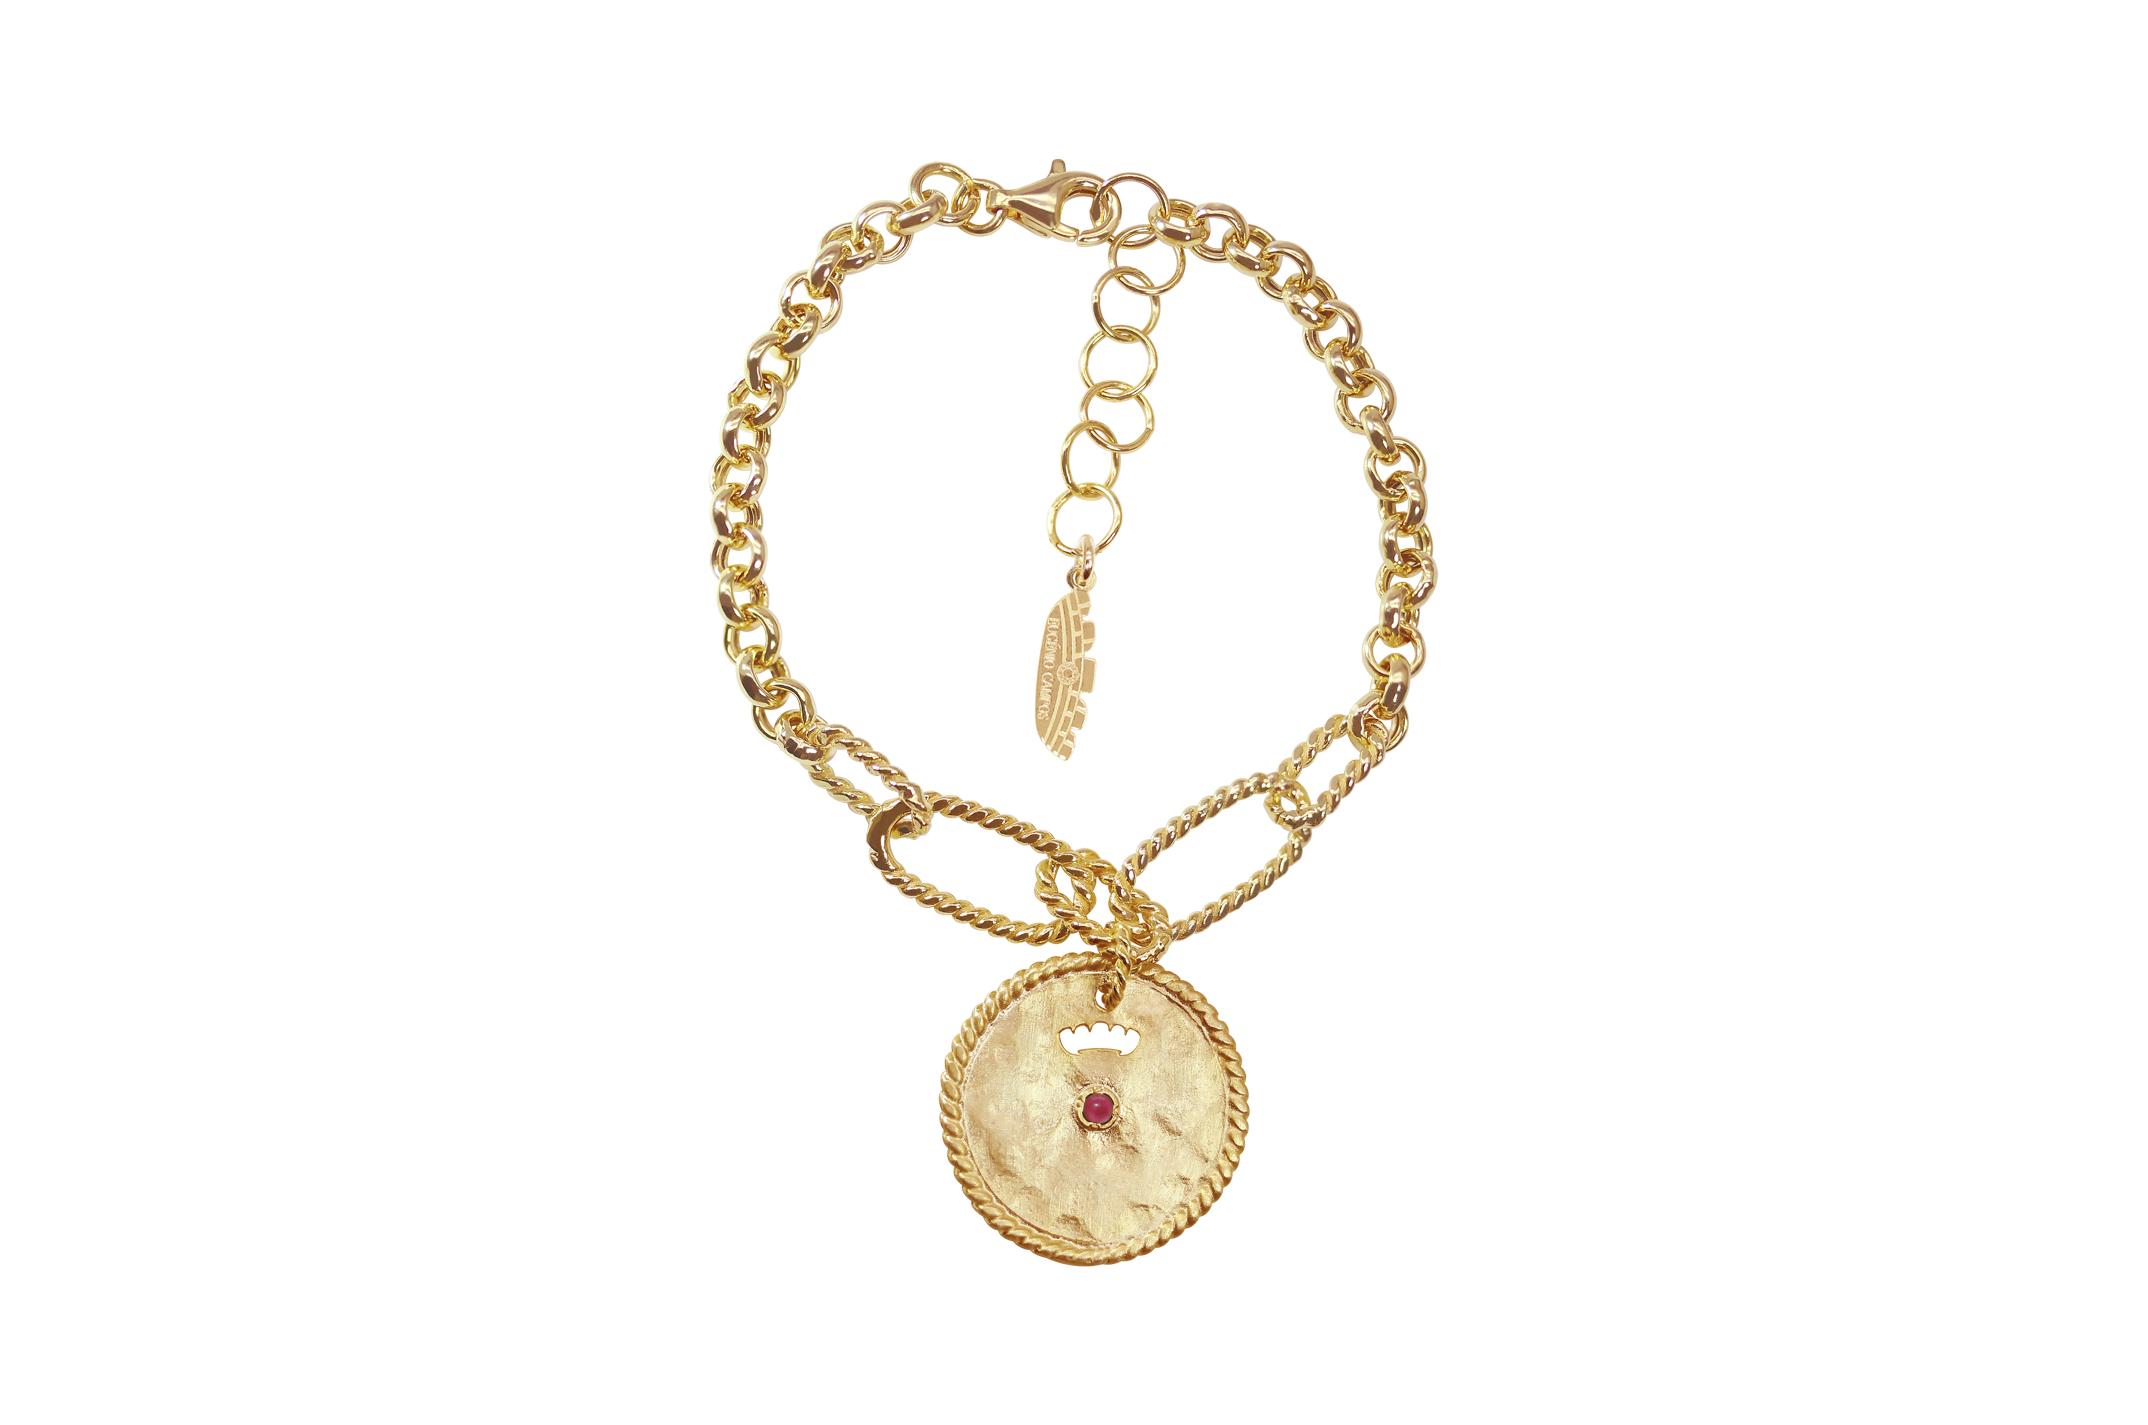 Joia: pulseira;Material: prata 925;Peso: 7.10 gr;Pedras: quartzo;Cor: amarelo;Medida Fio: 15 + 3 cm;Medida Pendente:  2 cm;Género: mulher